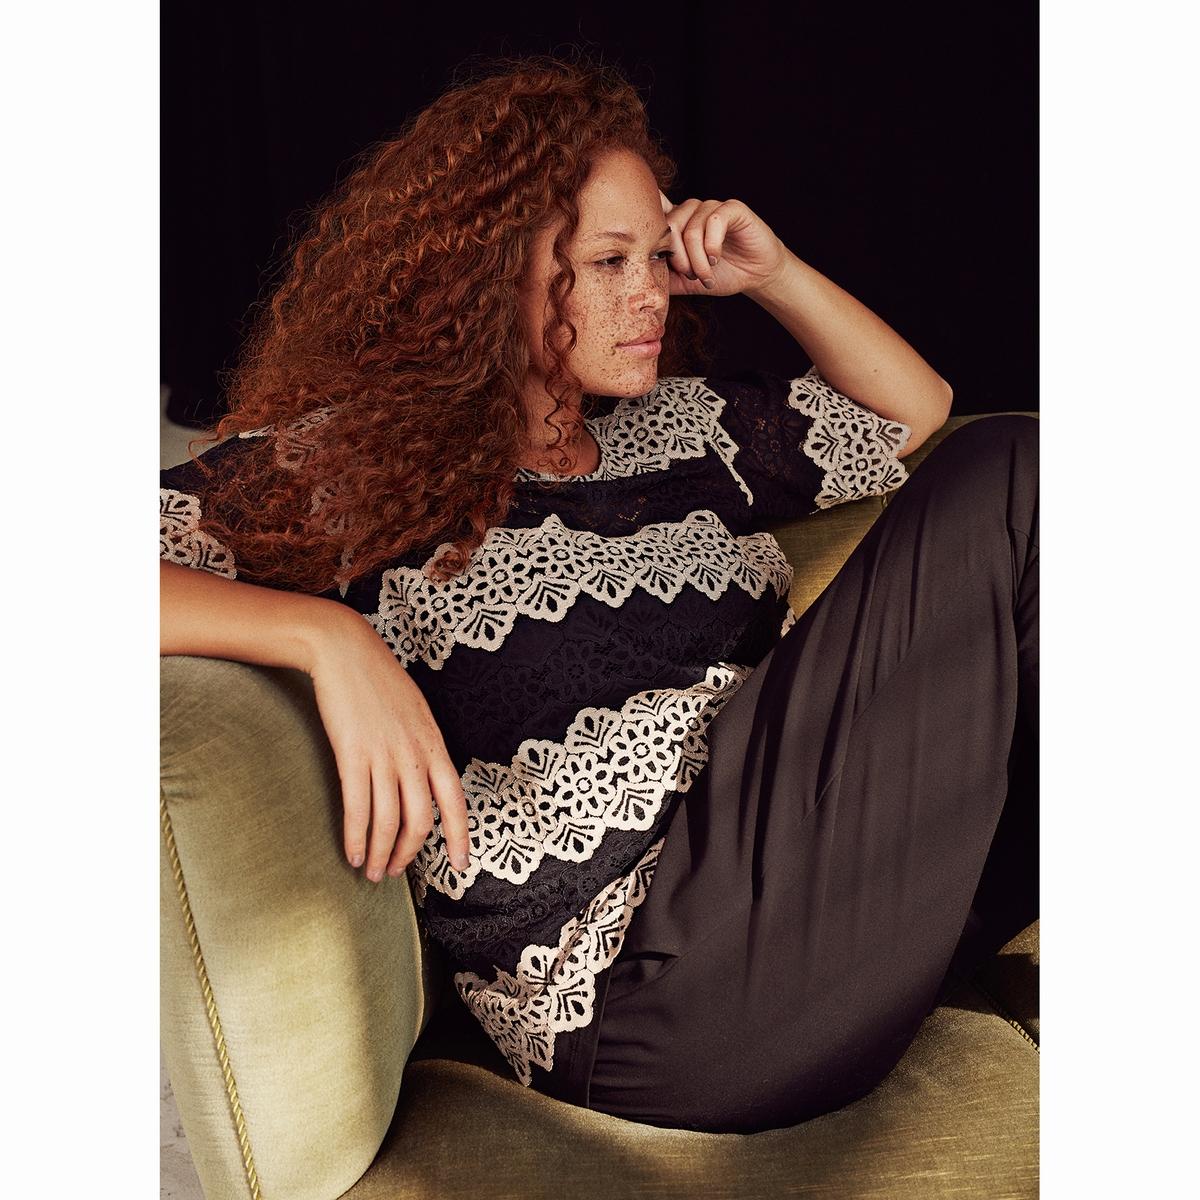 БлузкаБлузка ZIZZI. 55% хлопка, 45% полиамида. Женственная блузка из кружева. Круглый вырез, короткие рукава. Слегка прозрачная<br><br>Цвет: черный<br>Размер: 42/44 (FR) - 48/50 (RUS)